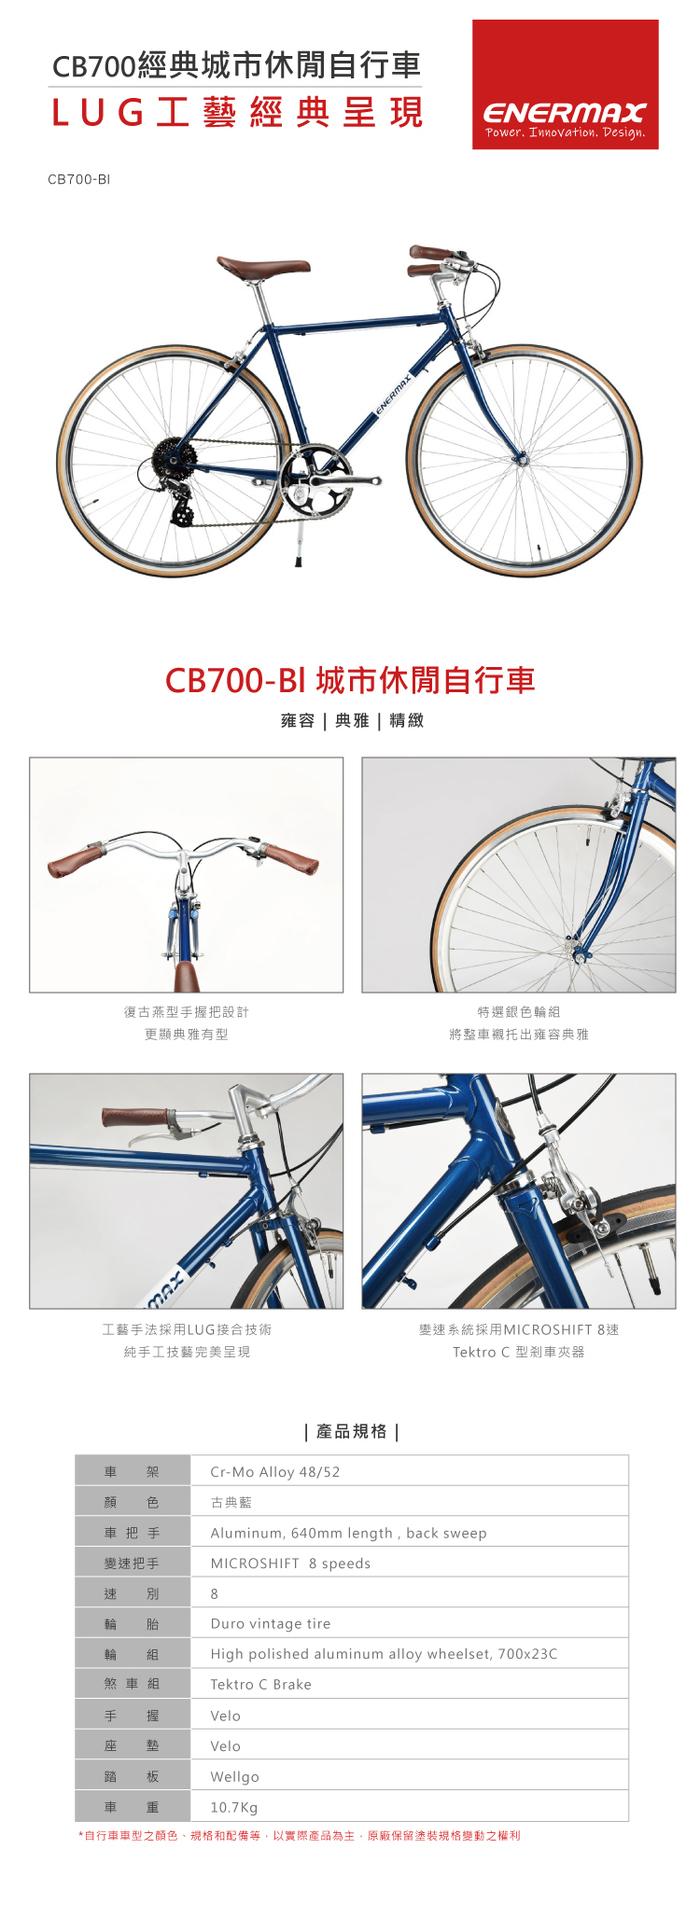 (複製)ENERMAX安耐美|CB700-TI古典城市休閒自行車-特仕版